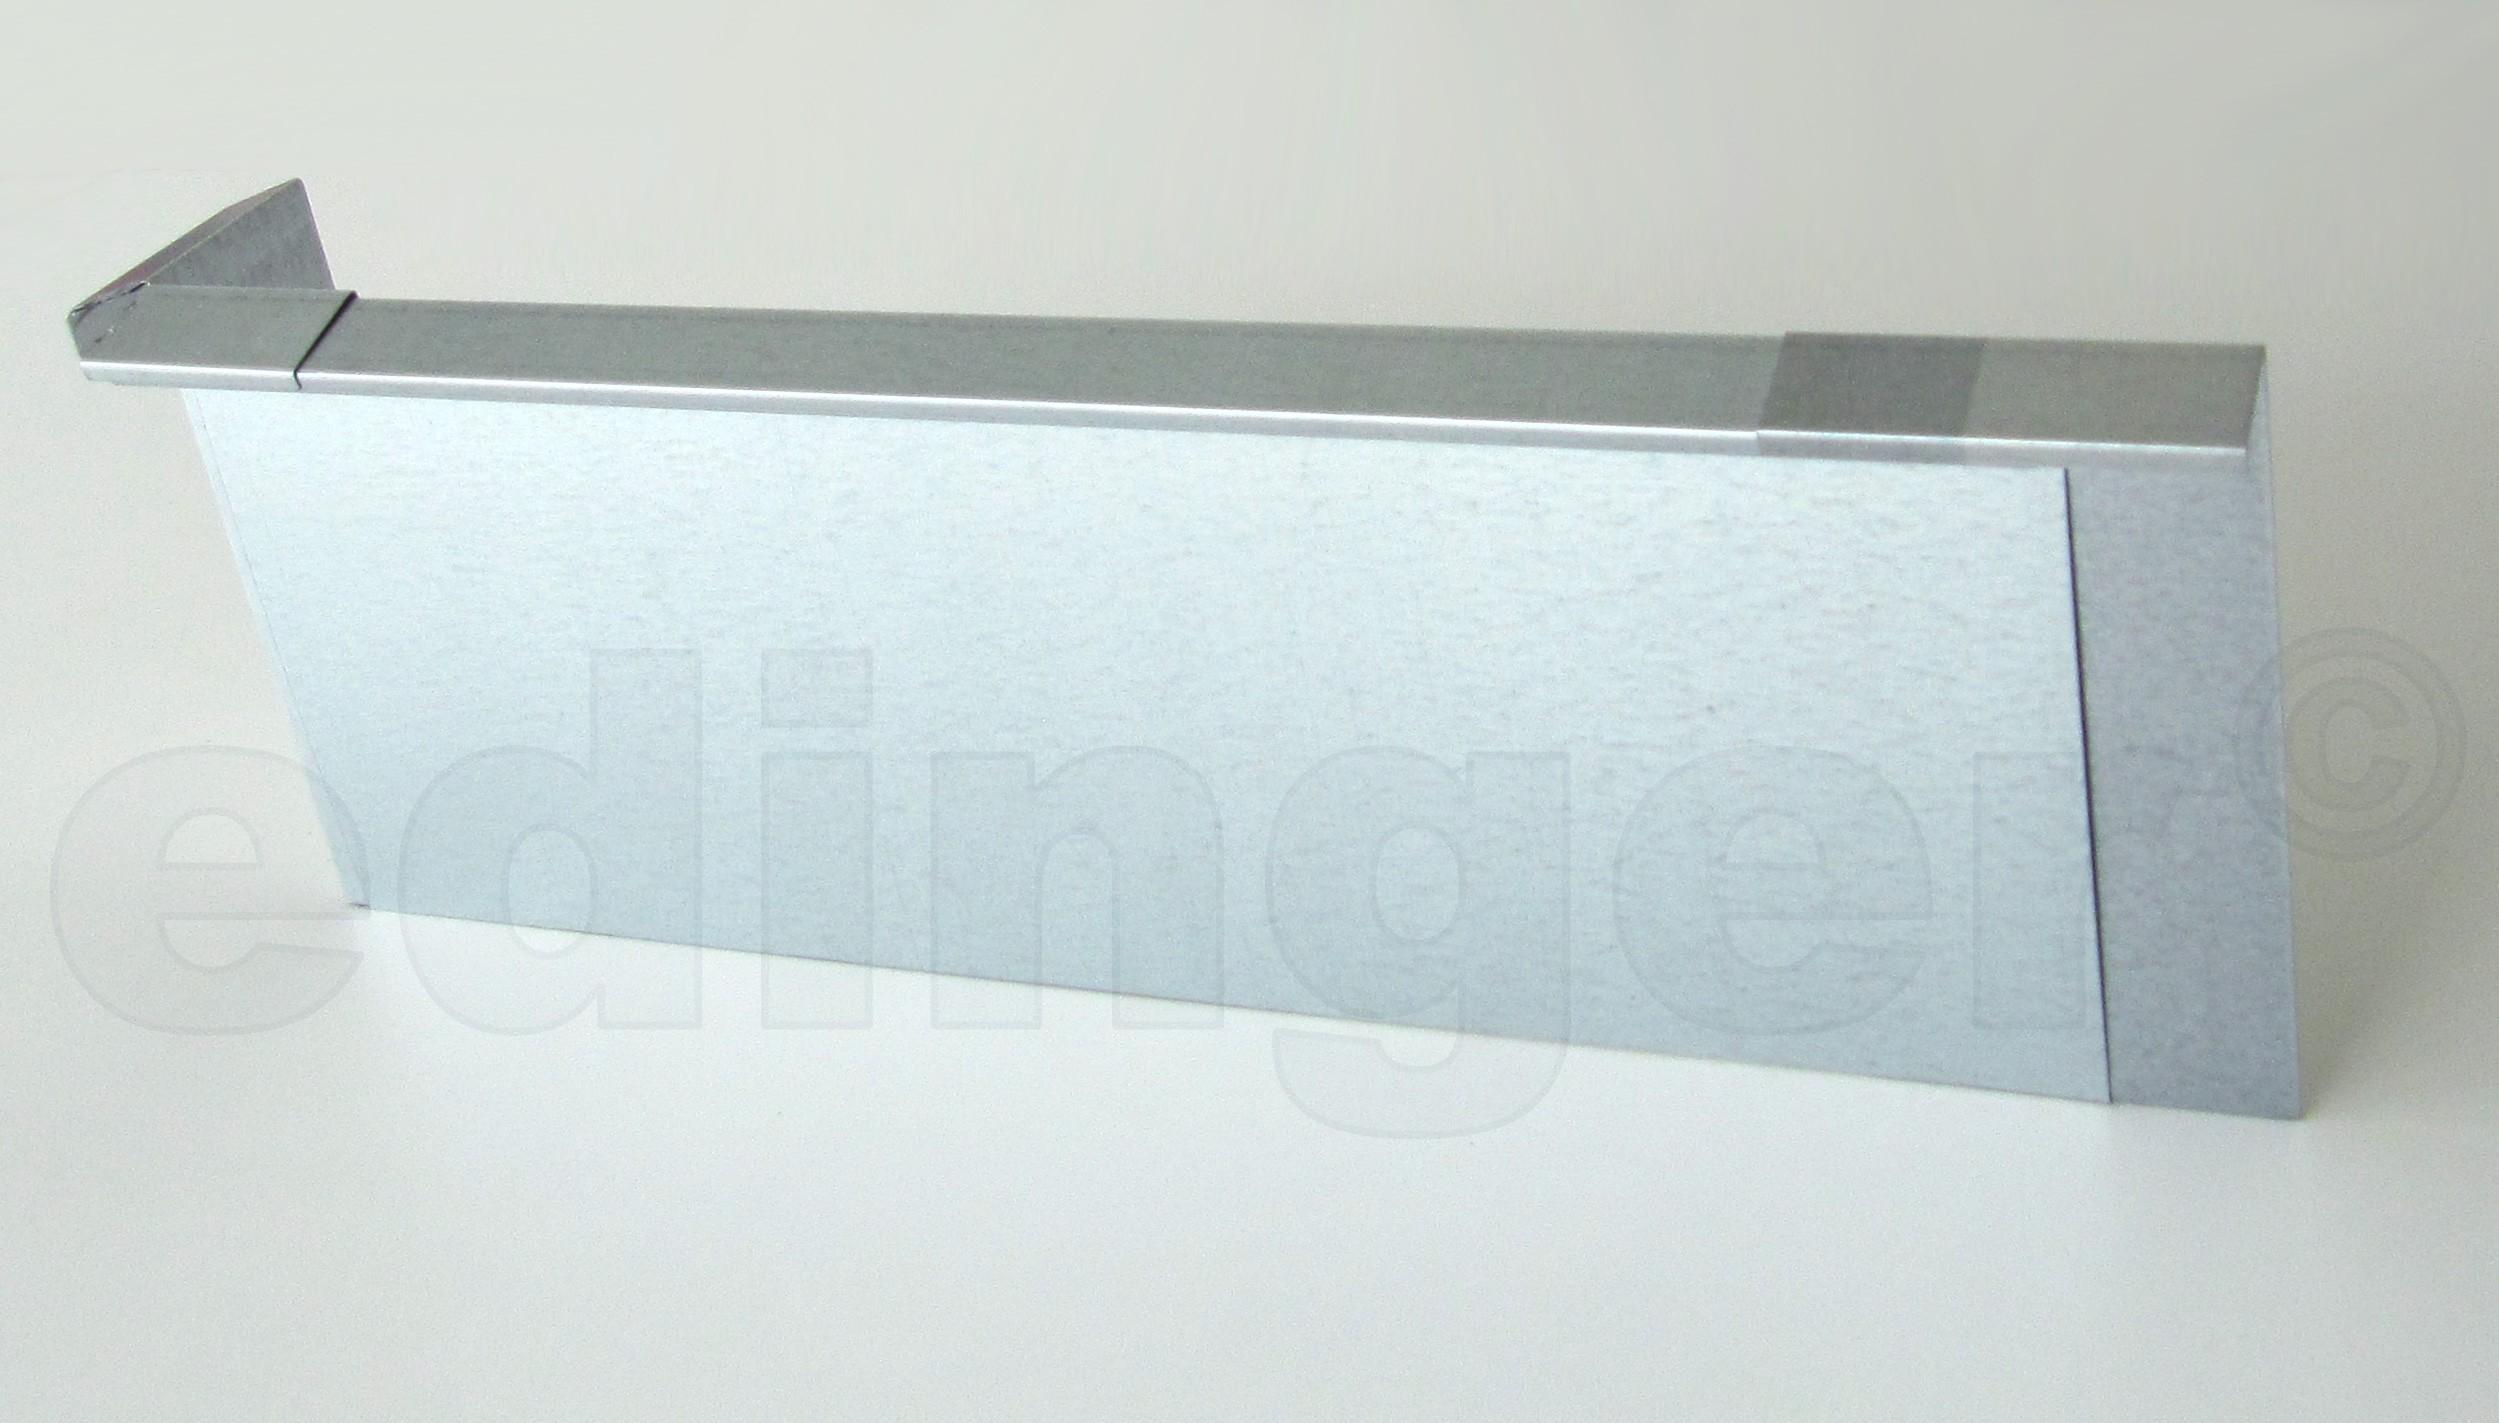 Schneckenzaun / Schneckenblech Metall Verbinder Bild 2